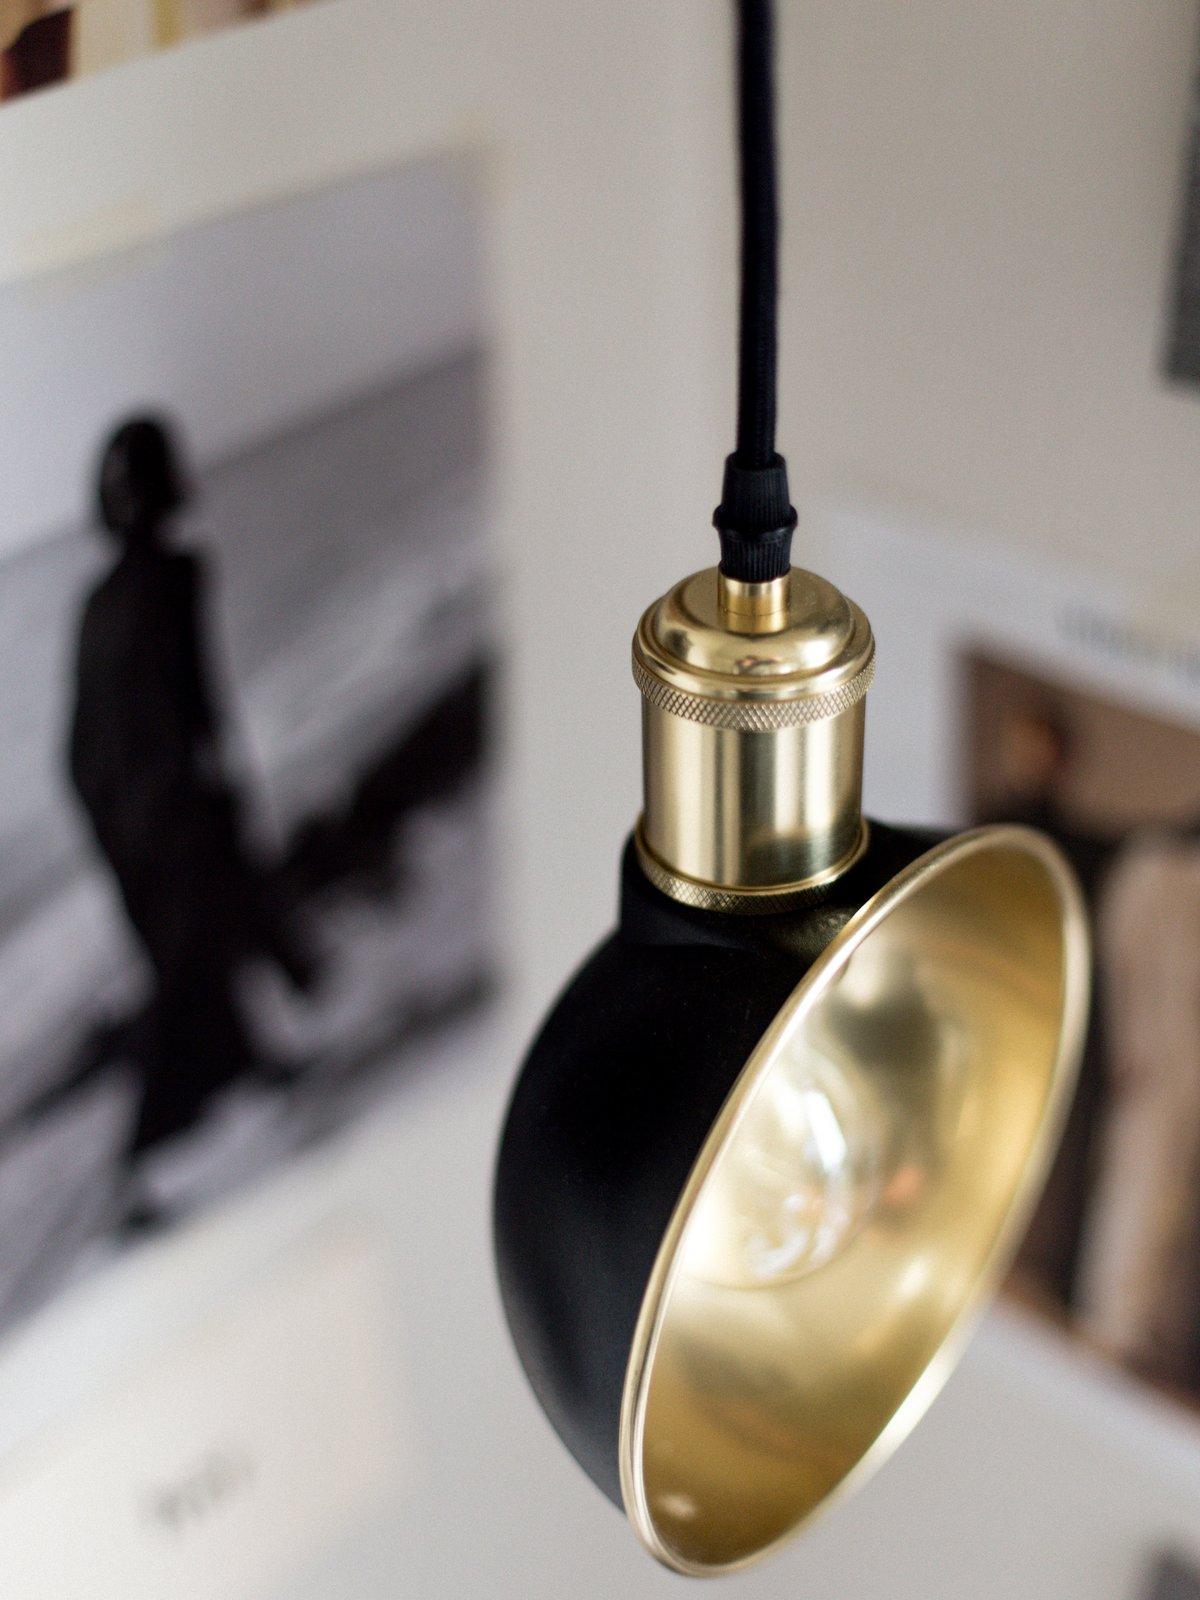 Duane Pendant Lamp  Tribeca Series